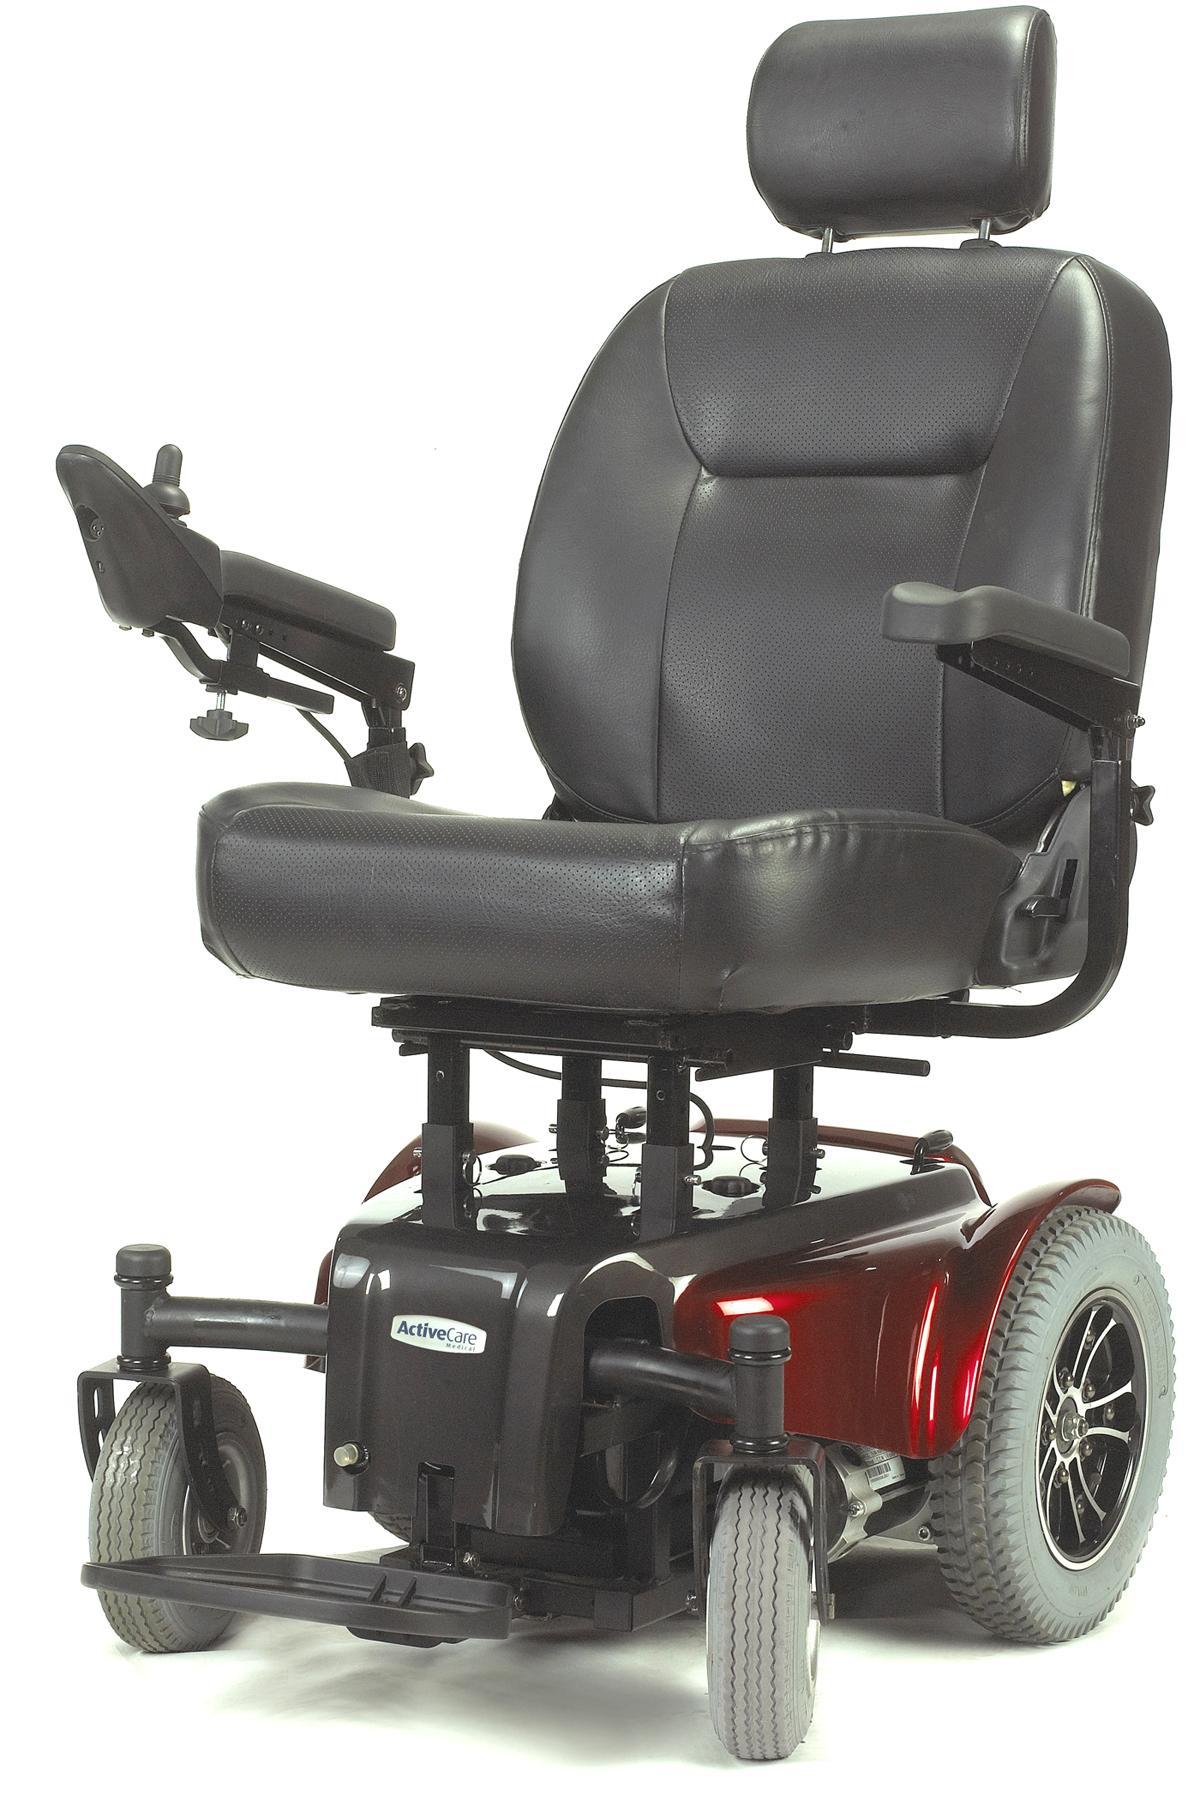 Medalist 450 Red Heavy Duty Rear Wheel Drive Power Wheelchair - MEDALIST450RD22CS-powerchairmedalist450rd22cs.jpg